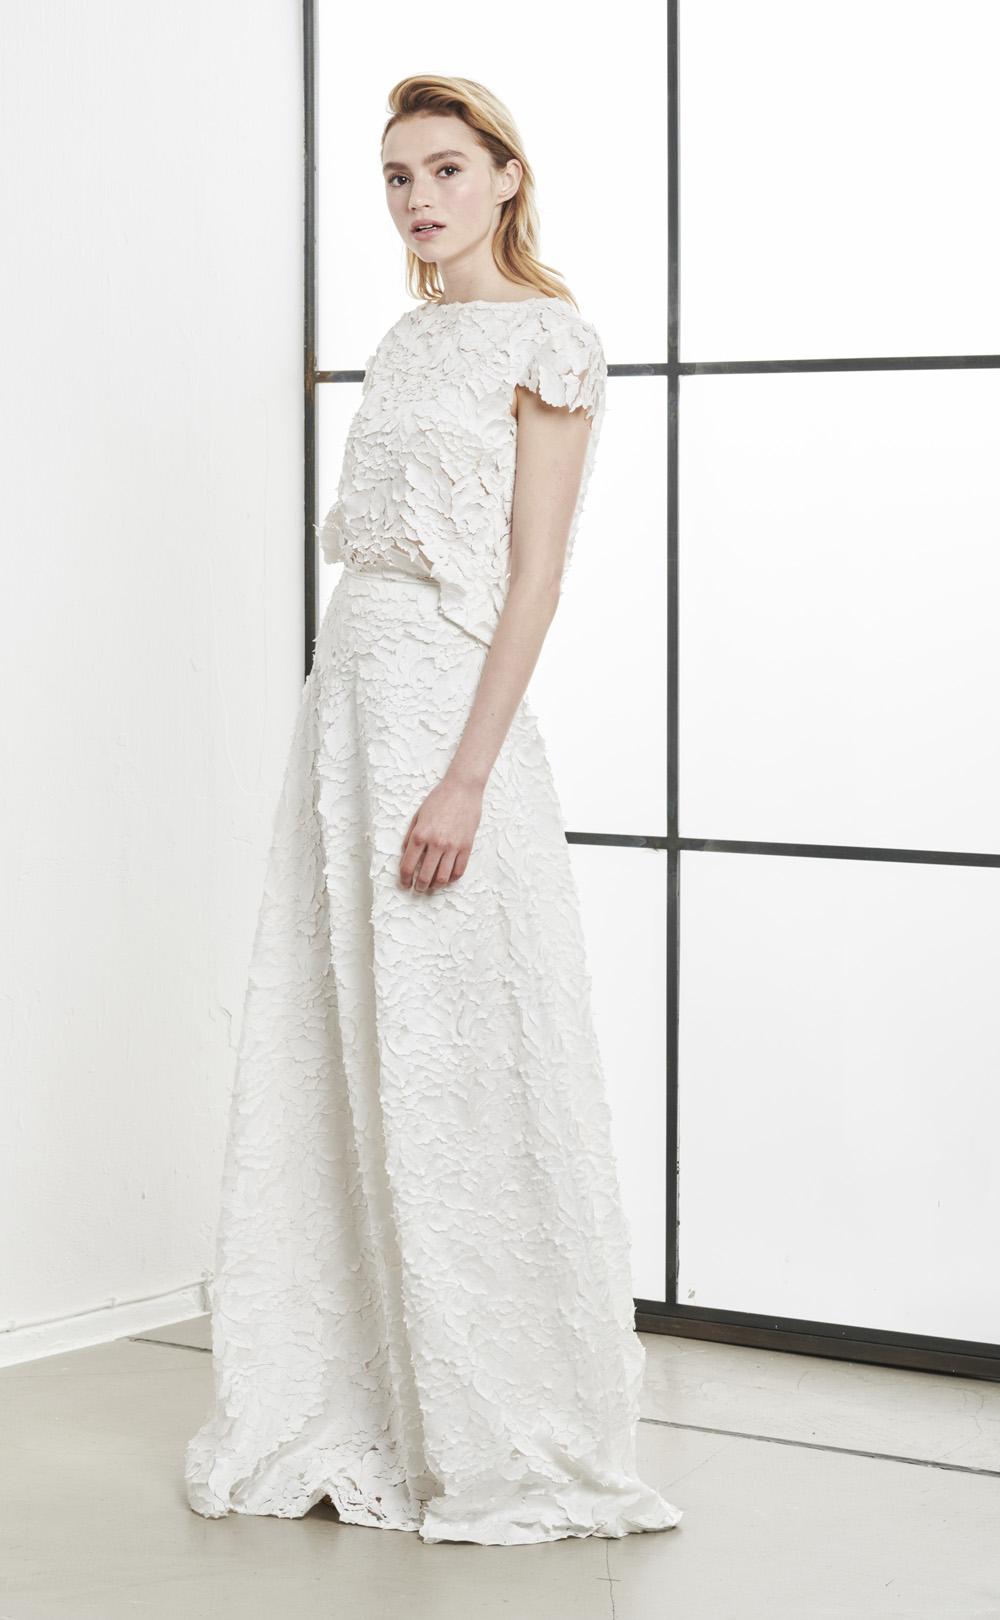 Designer Brautkleid Tyra kisui Berlin